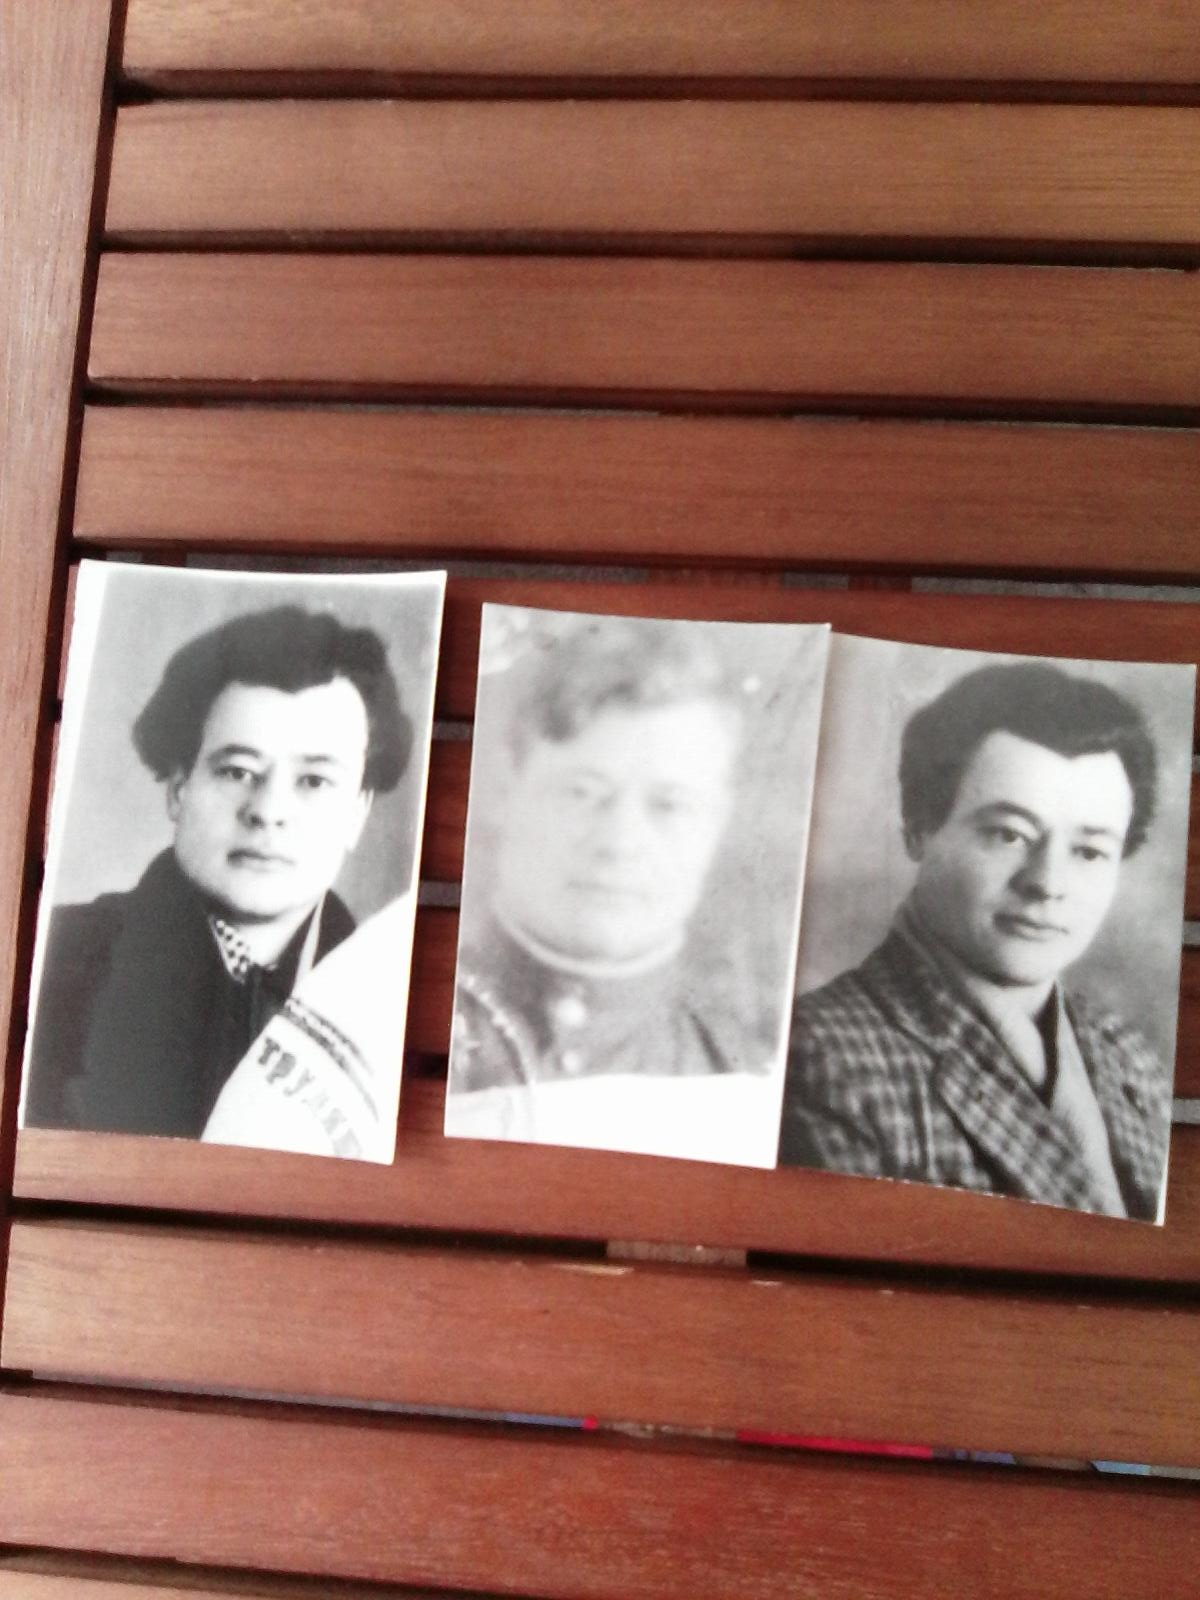 Житель Краснодара ищет сведения о своем дедушке, проживавшем в городе Миллерово